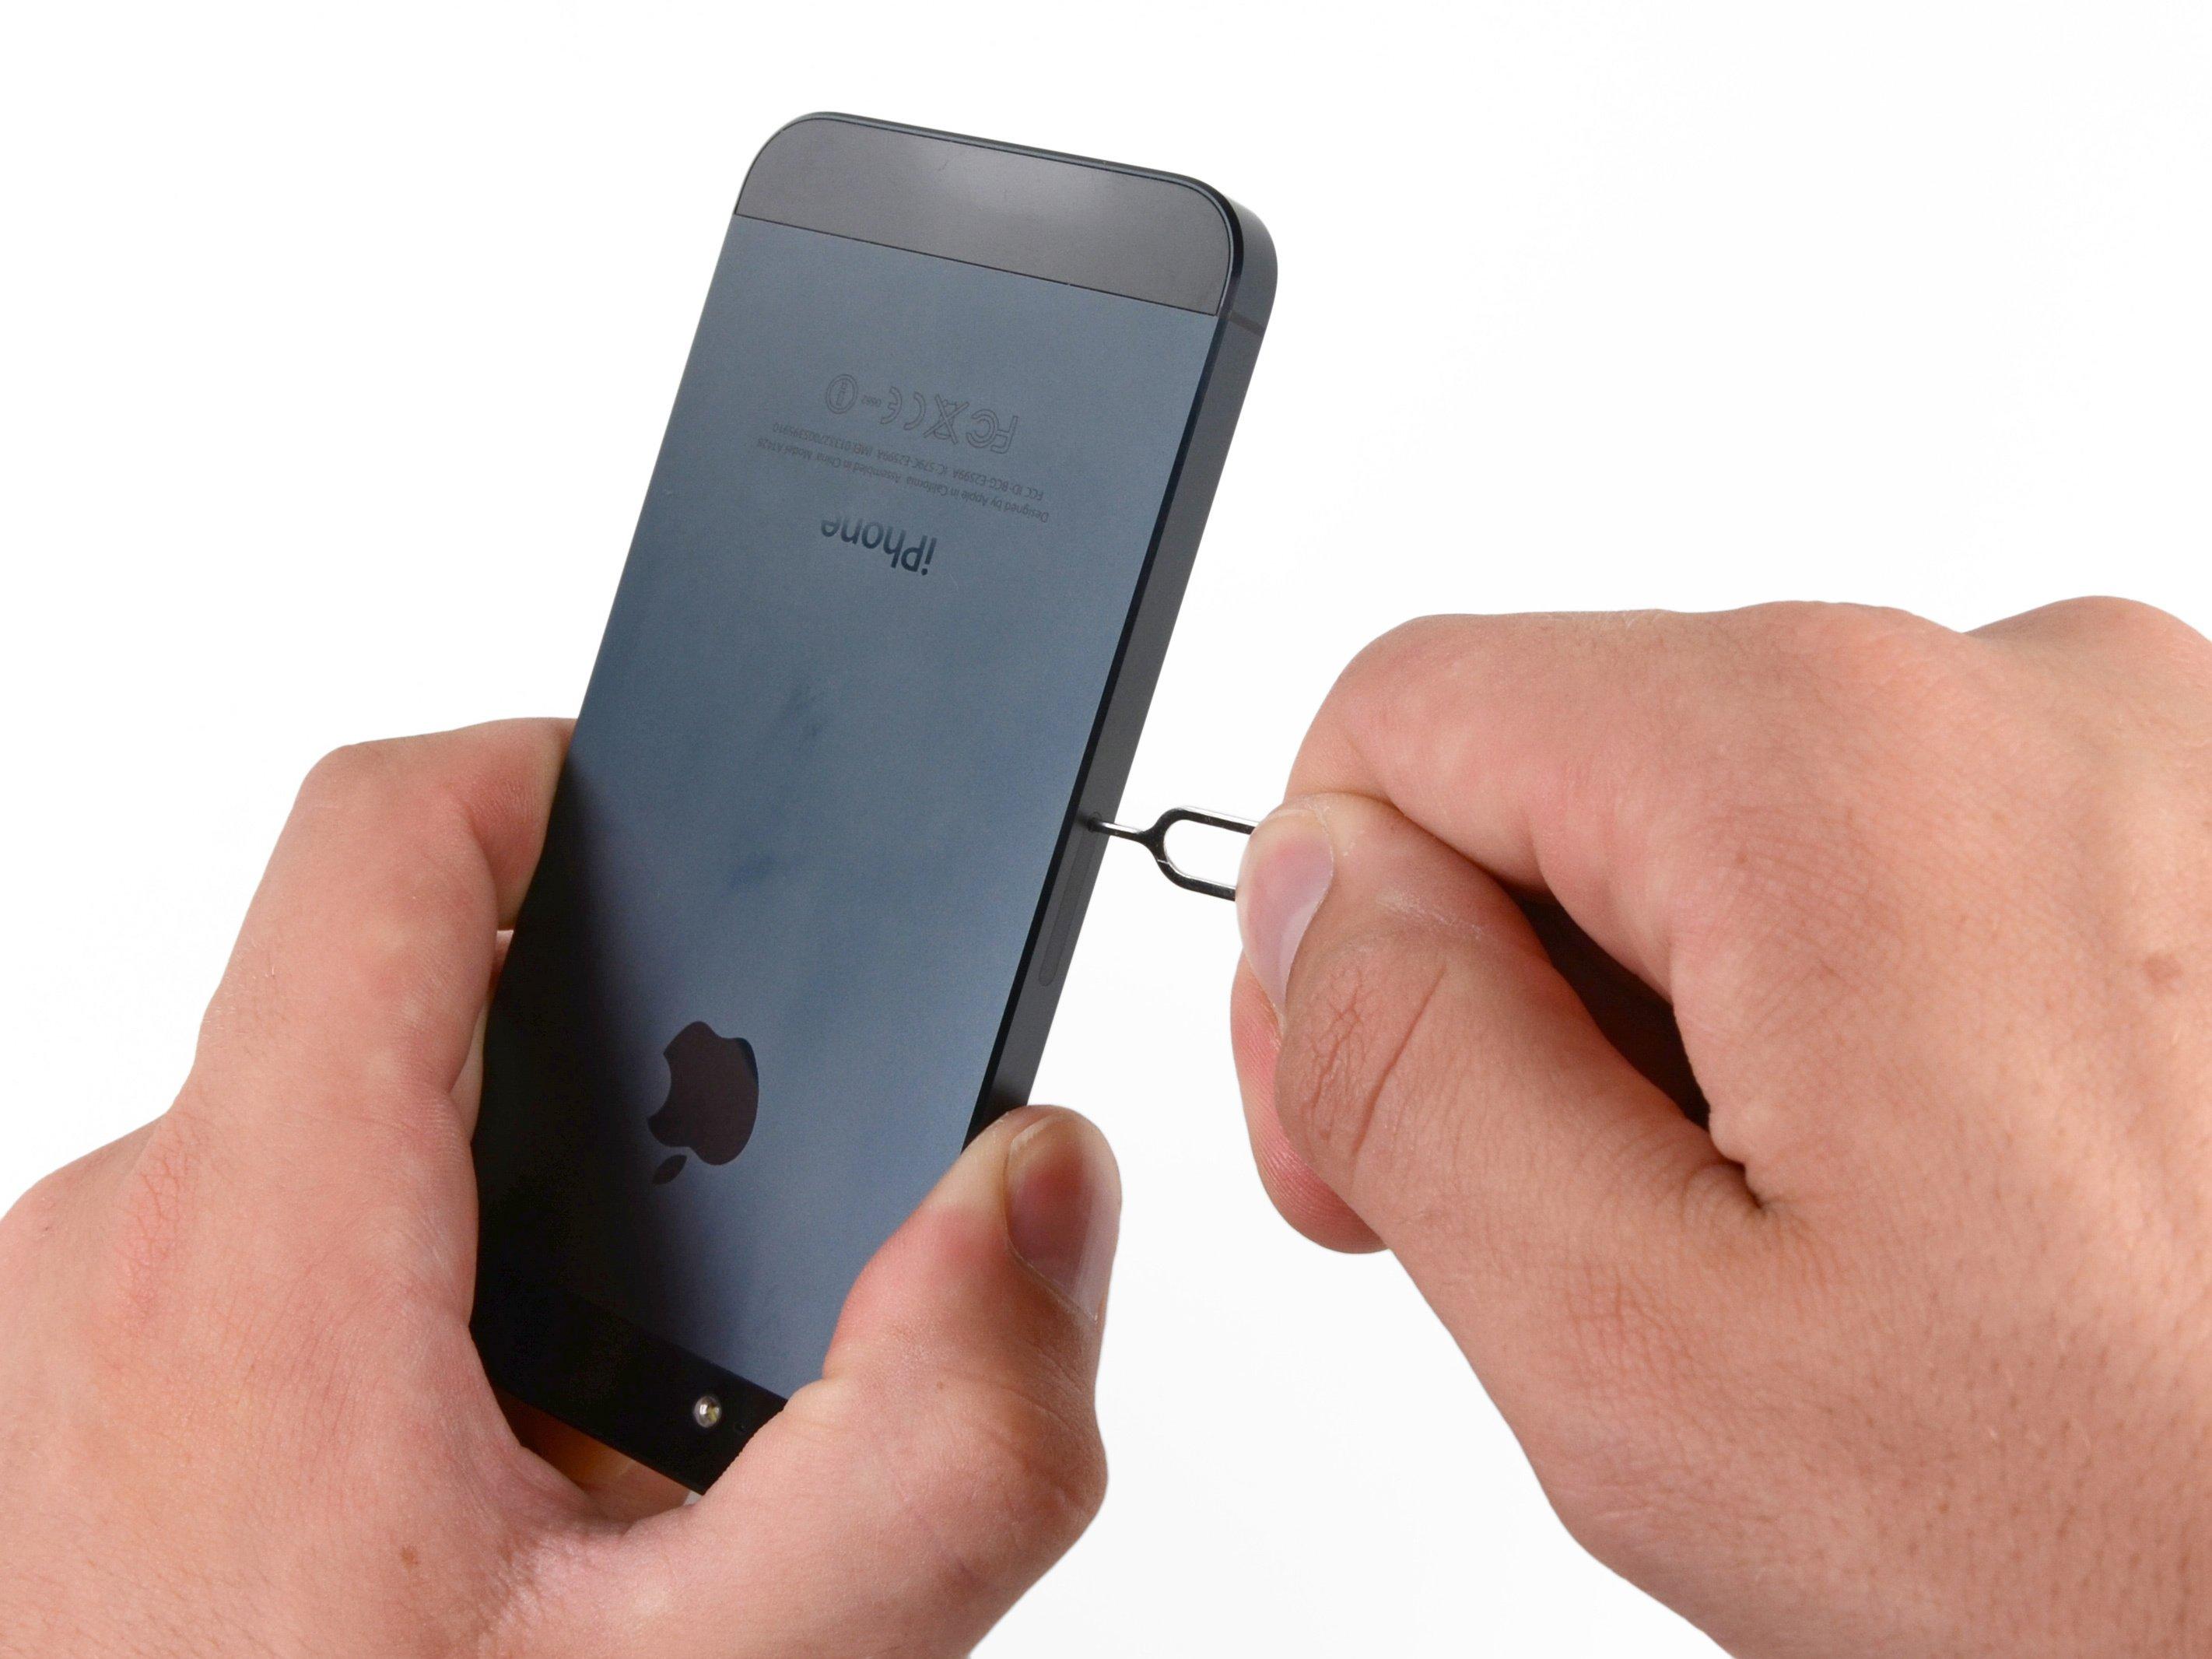 Iphone Sim Karte.Iphone 5 Sim Card Replacement Ifixit Repair Guide